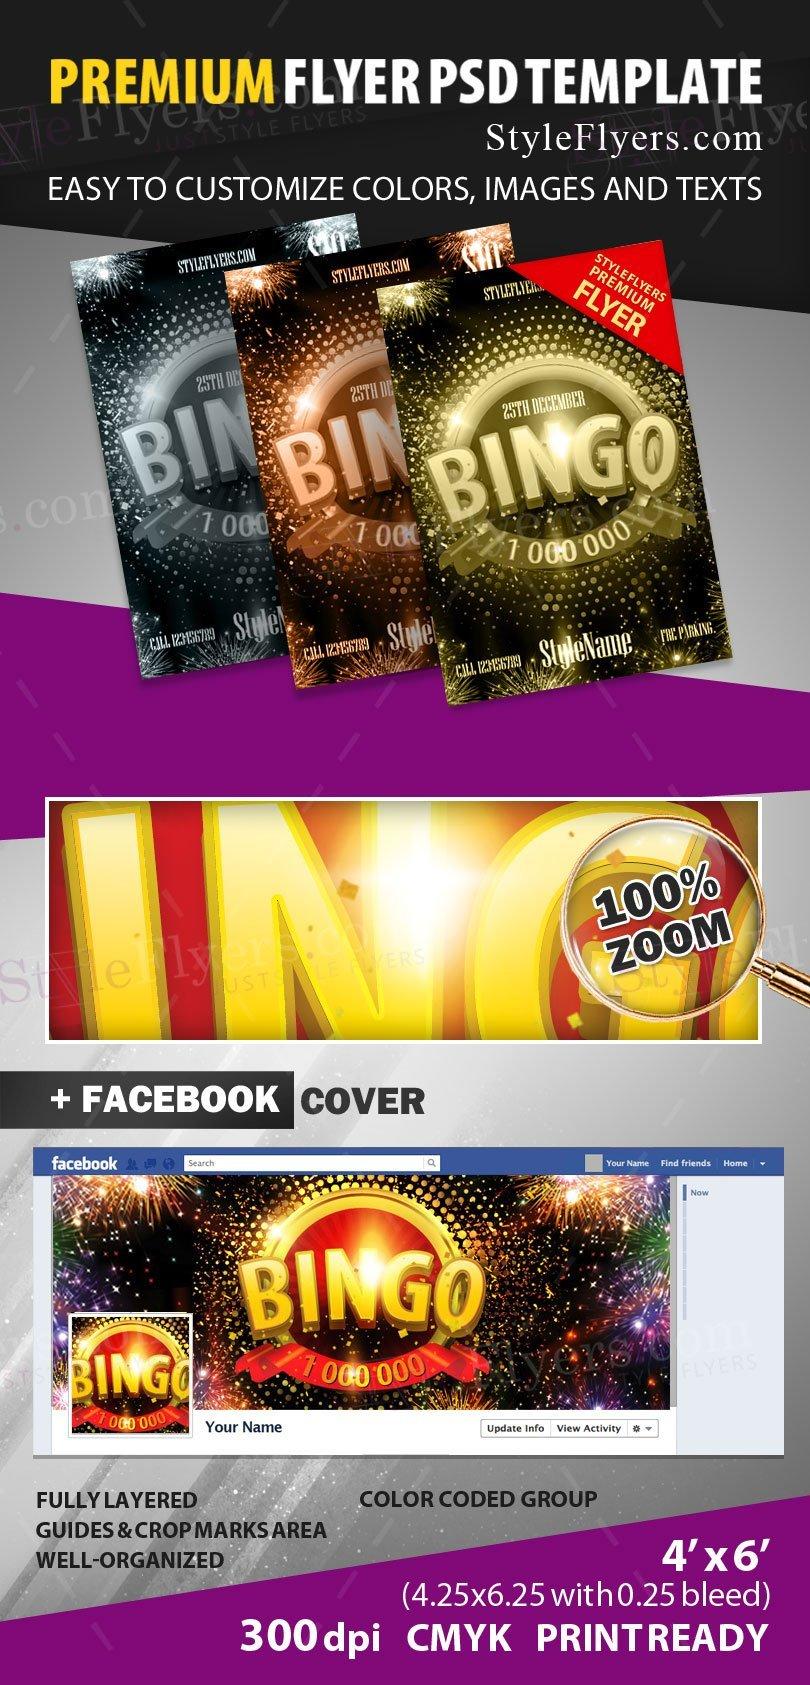 bingo-preview_premium